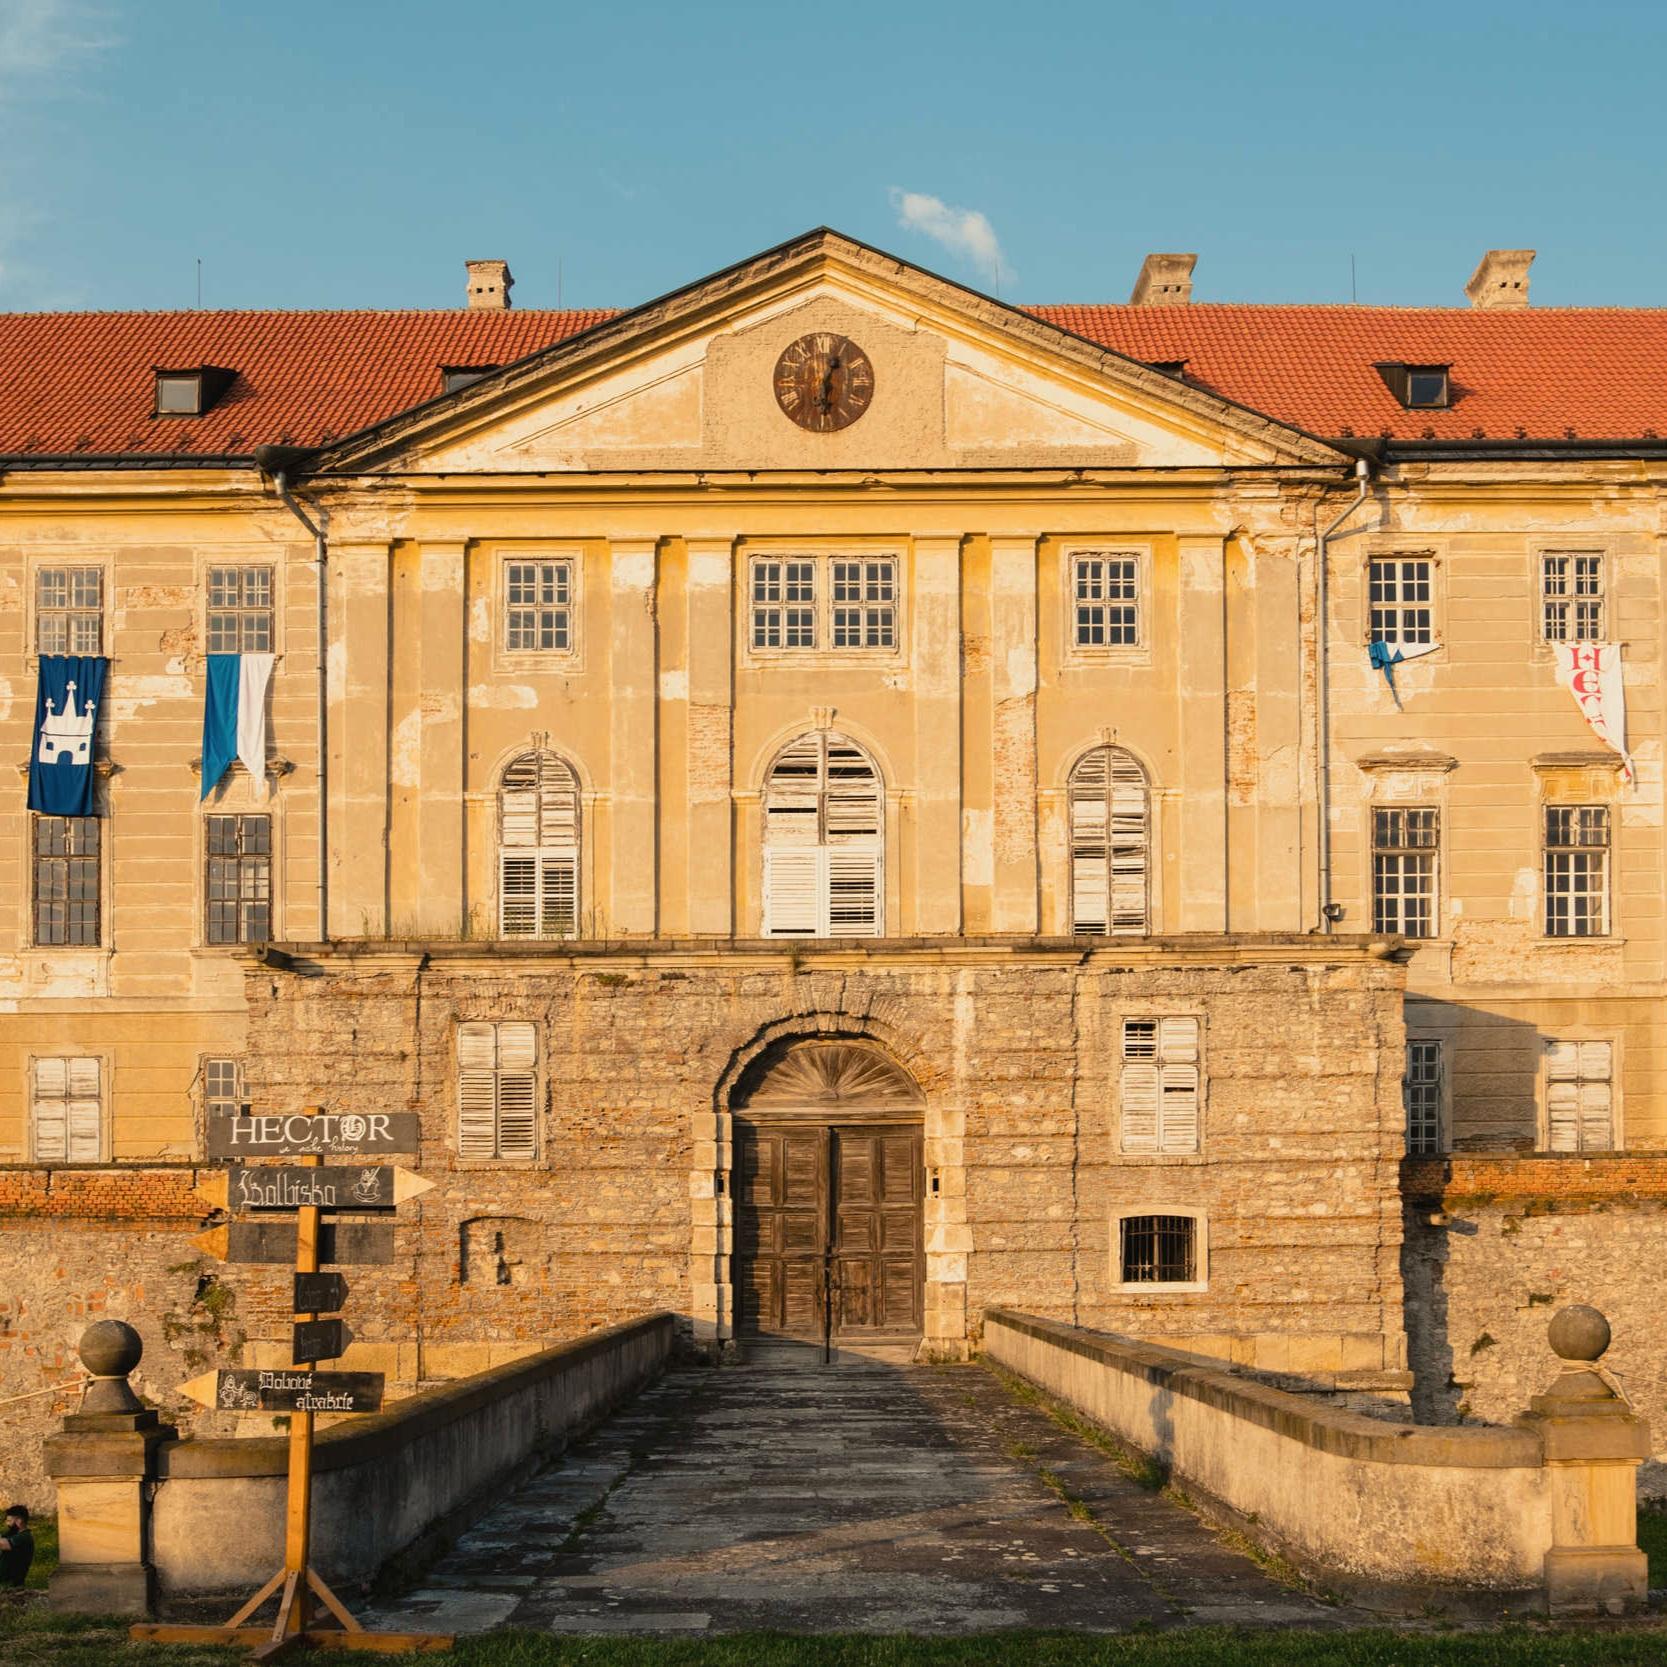 Historické festivaly - Spravíme vám historický festival! Využite naše skúsenosti z organizácie veľkých akcií, ako je rytiersky festival Rotenstein či Stredovek pod hradbami.